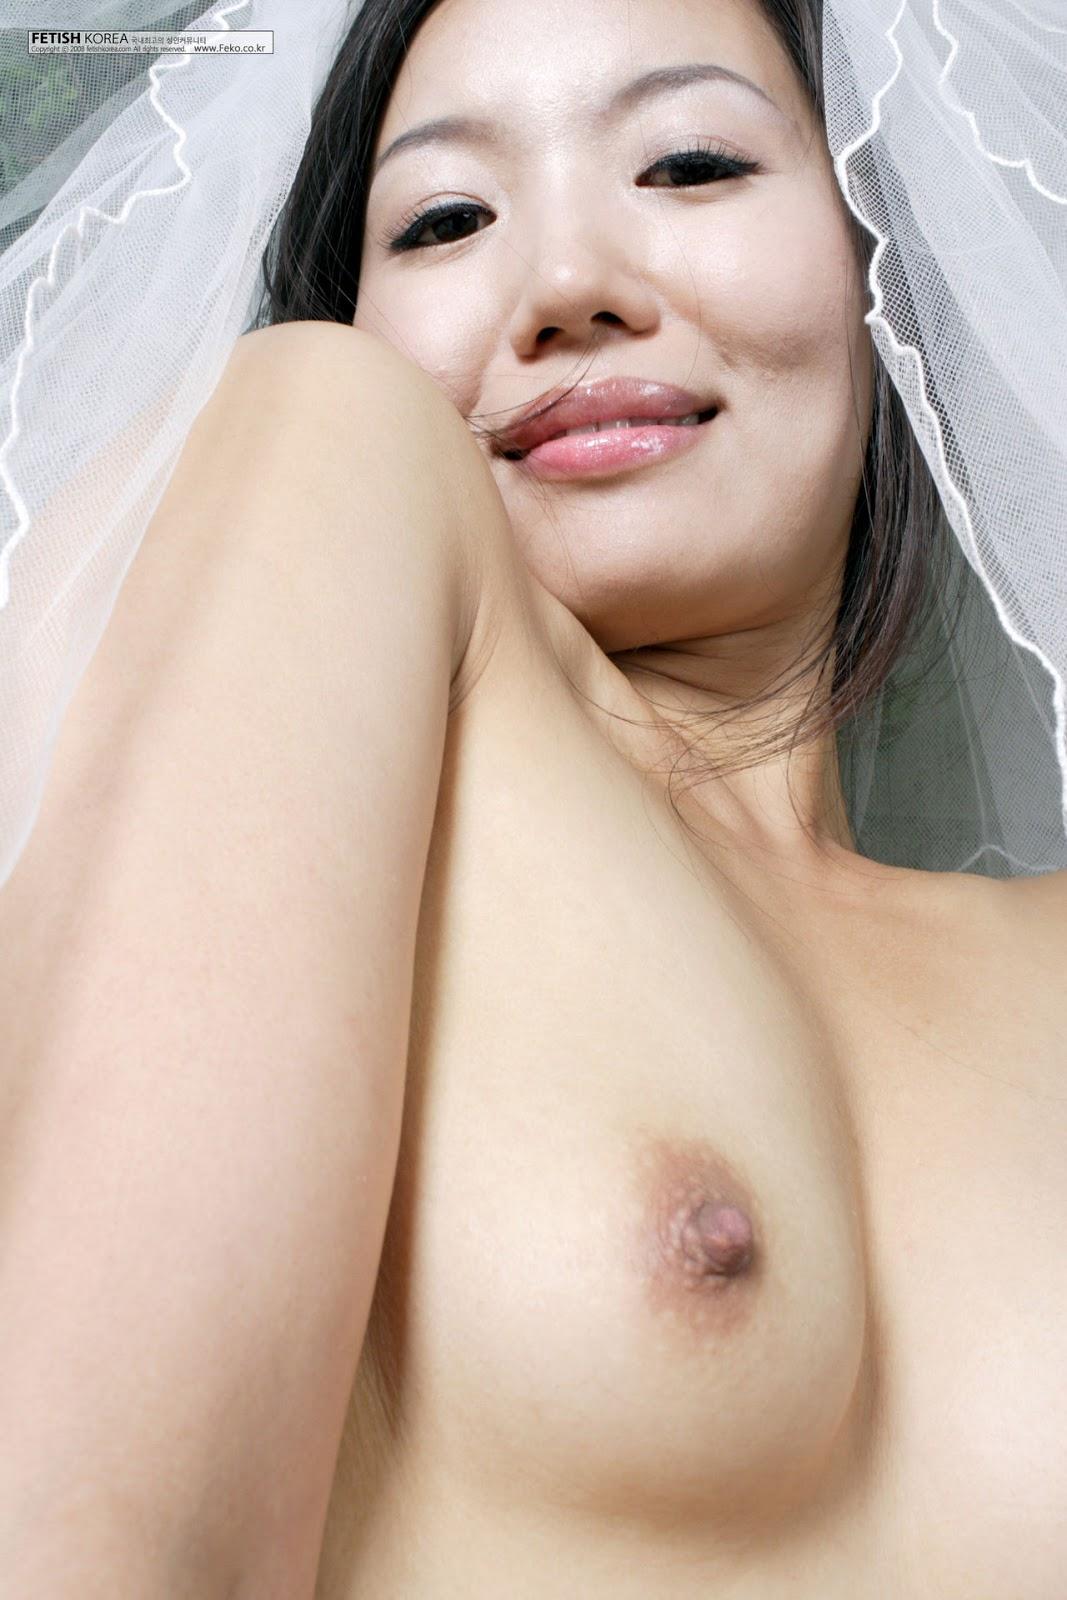 nude-couples-korea-nude-women-animated-porn